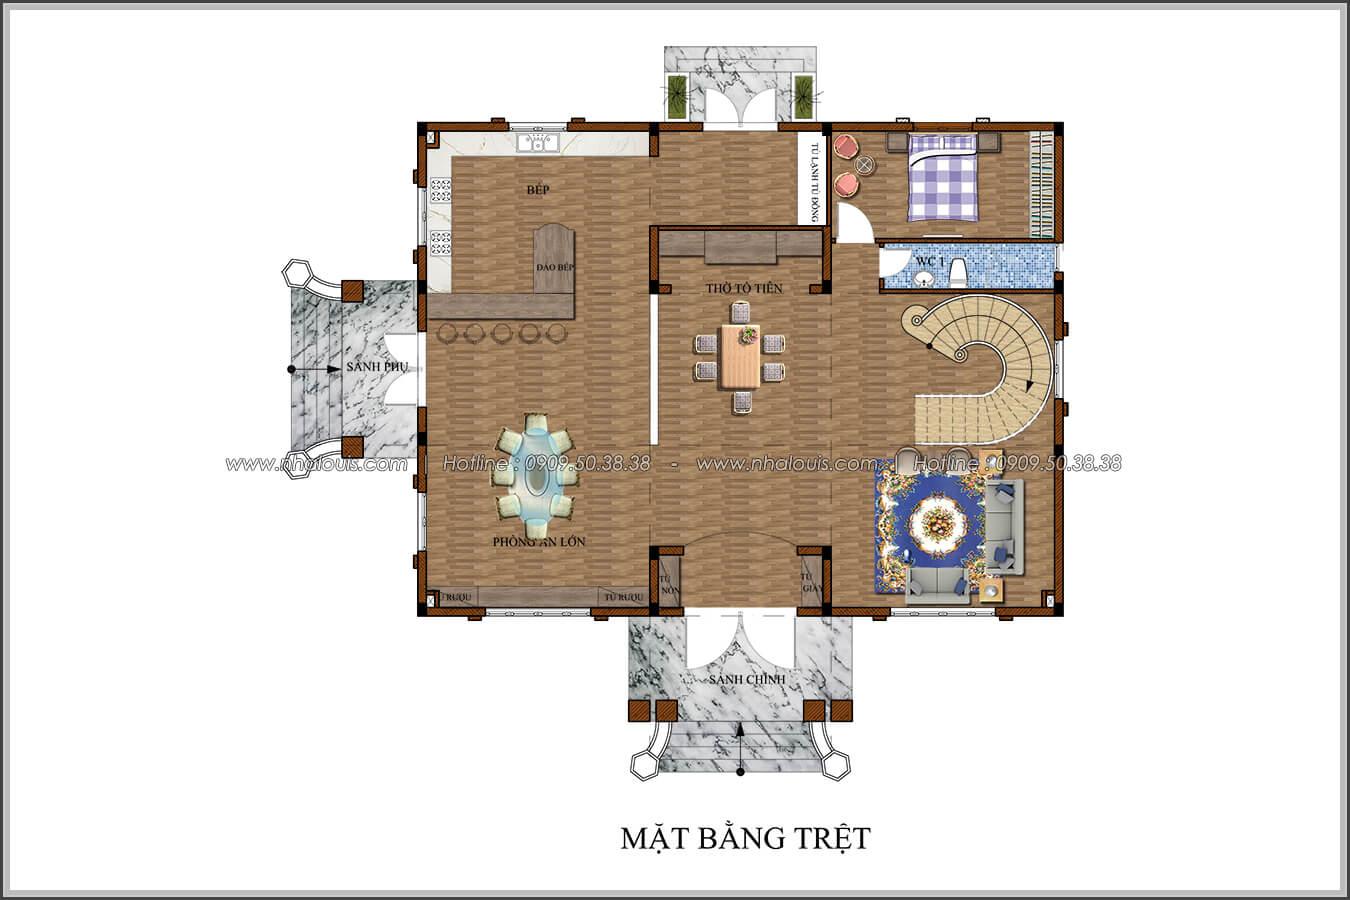 Mặt bằng tầng trệt Mê mẩn với thiết kế biệt thự 3 tầng kiểu Pháp hoành tráng tại Biên Hòa - 05